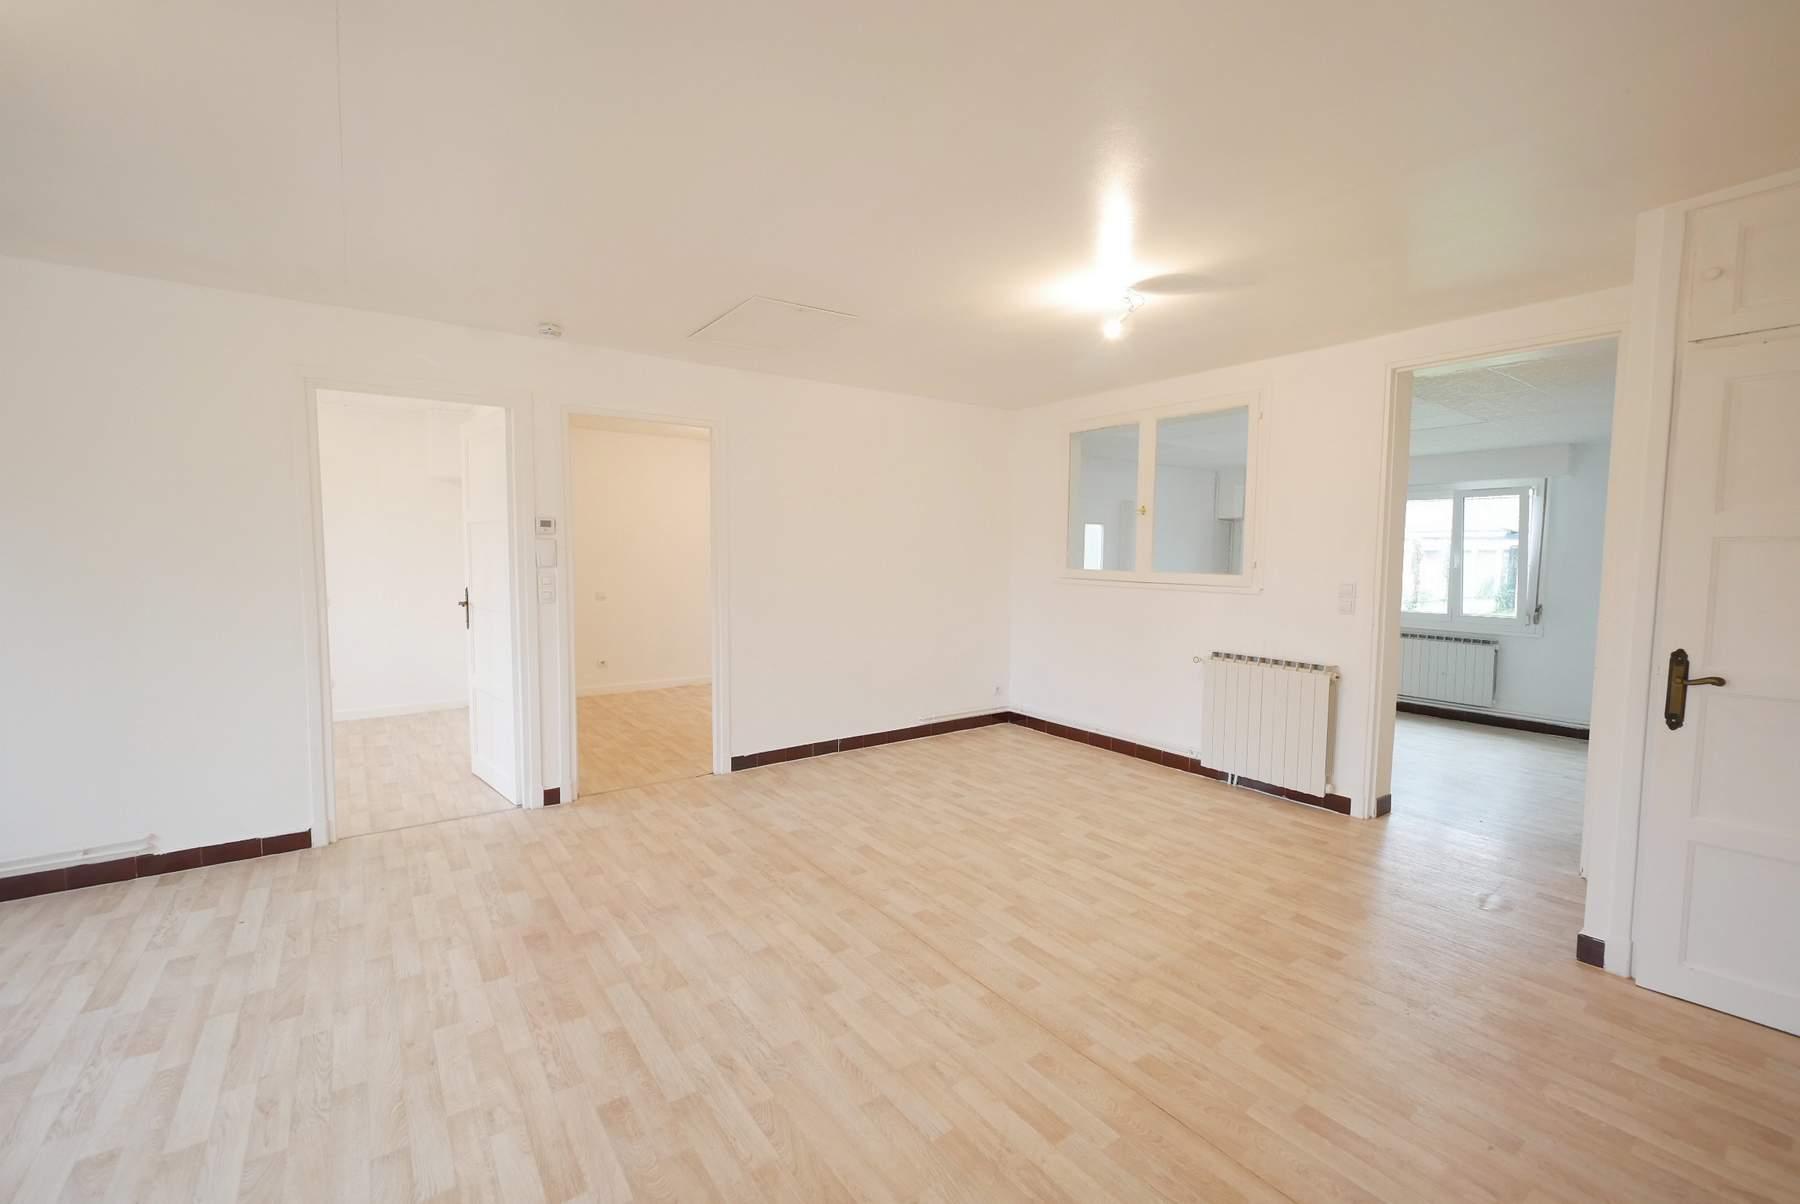 Maison 73 m² habitable à Douai